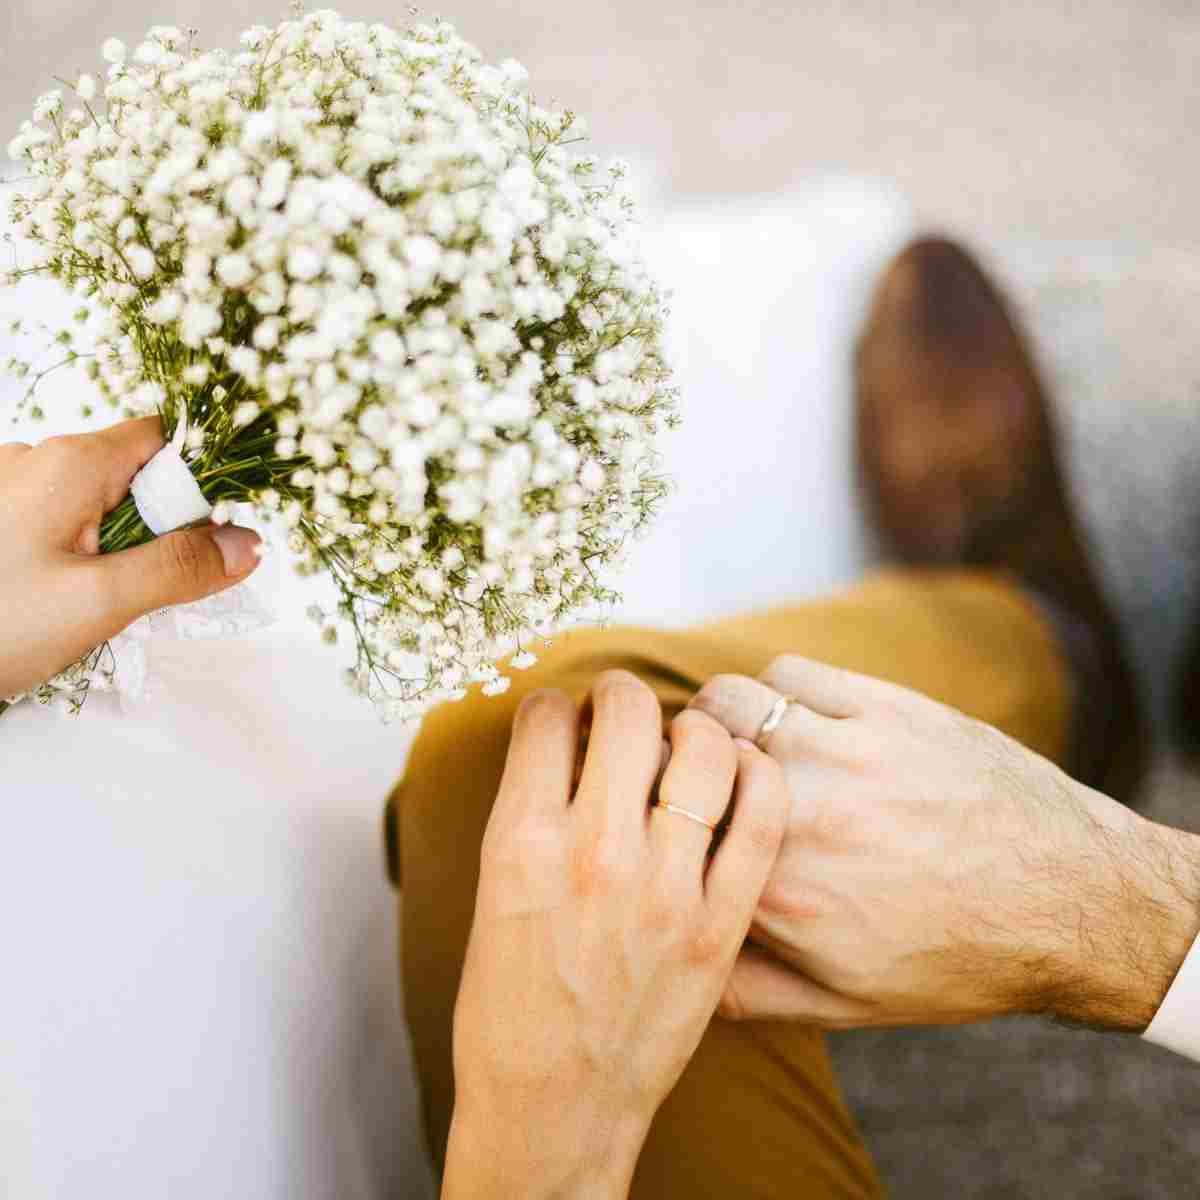 دوستی قبل از ازدواج آری یا نه